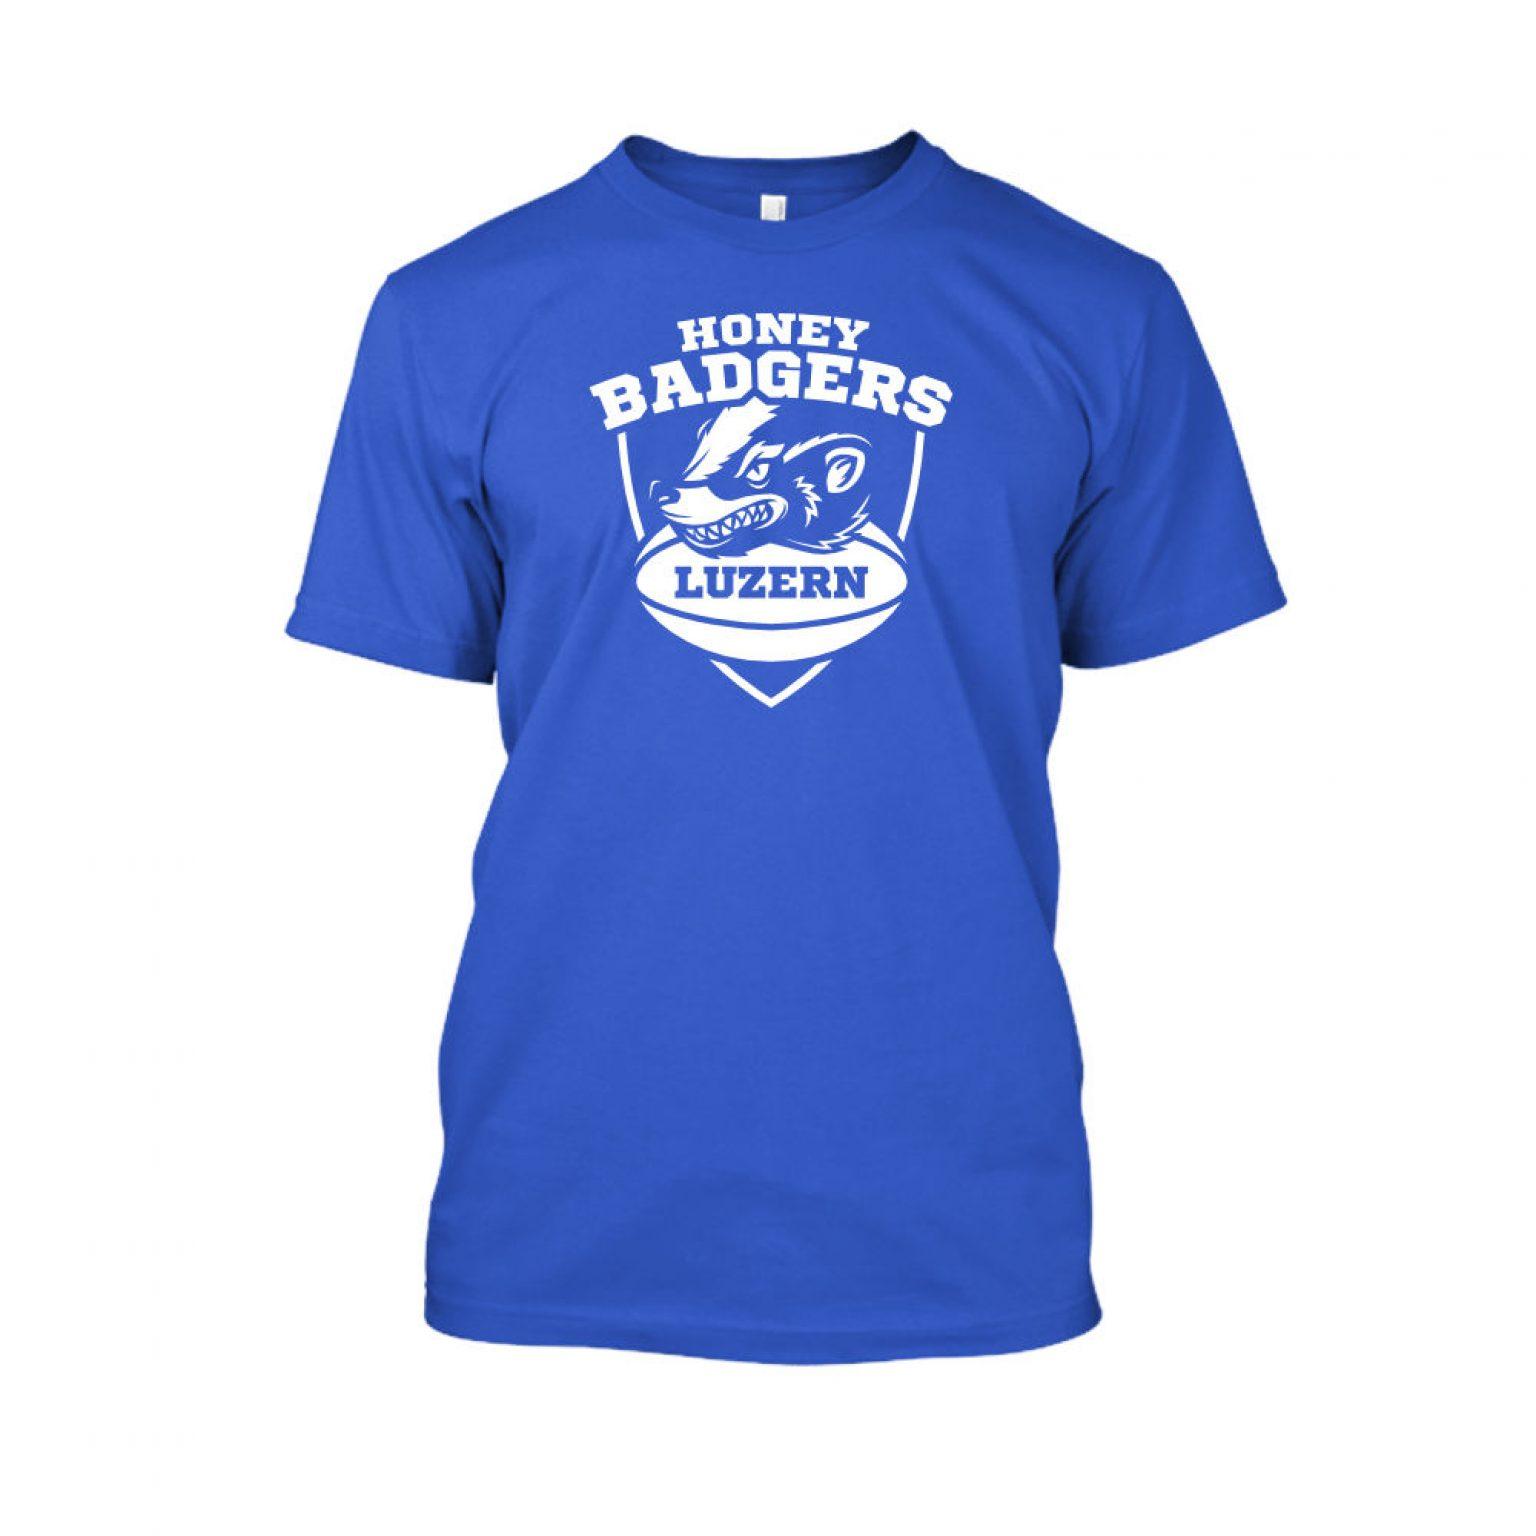 honeybadgerV2 shirt herren BLUE front